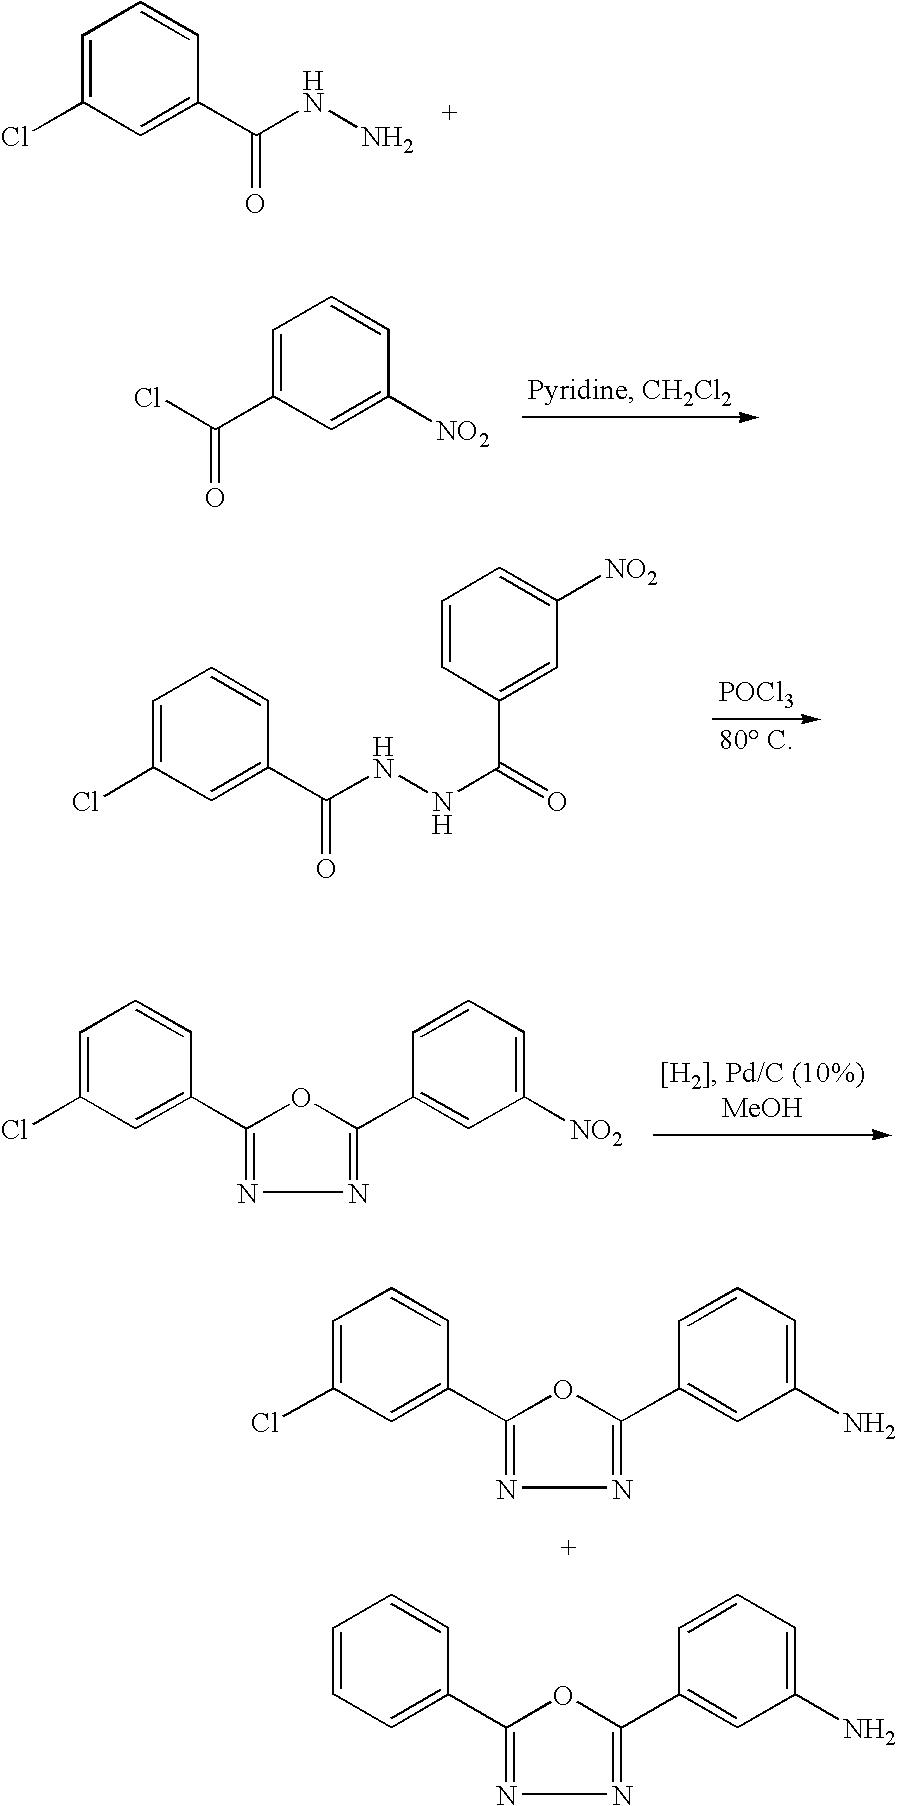 Figure US07485724-20090203-C00035